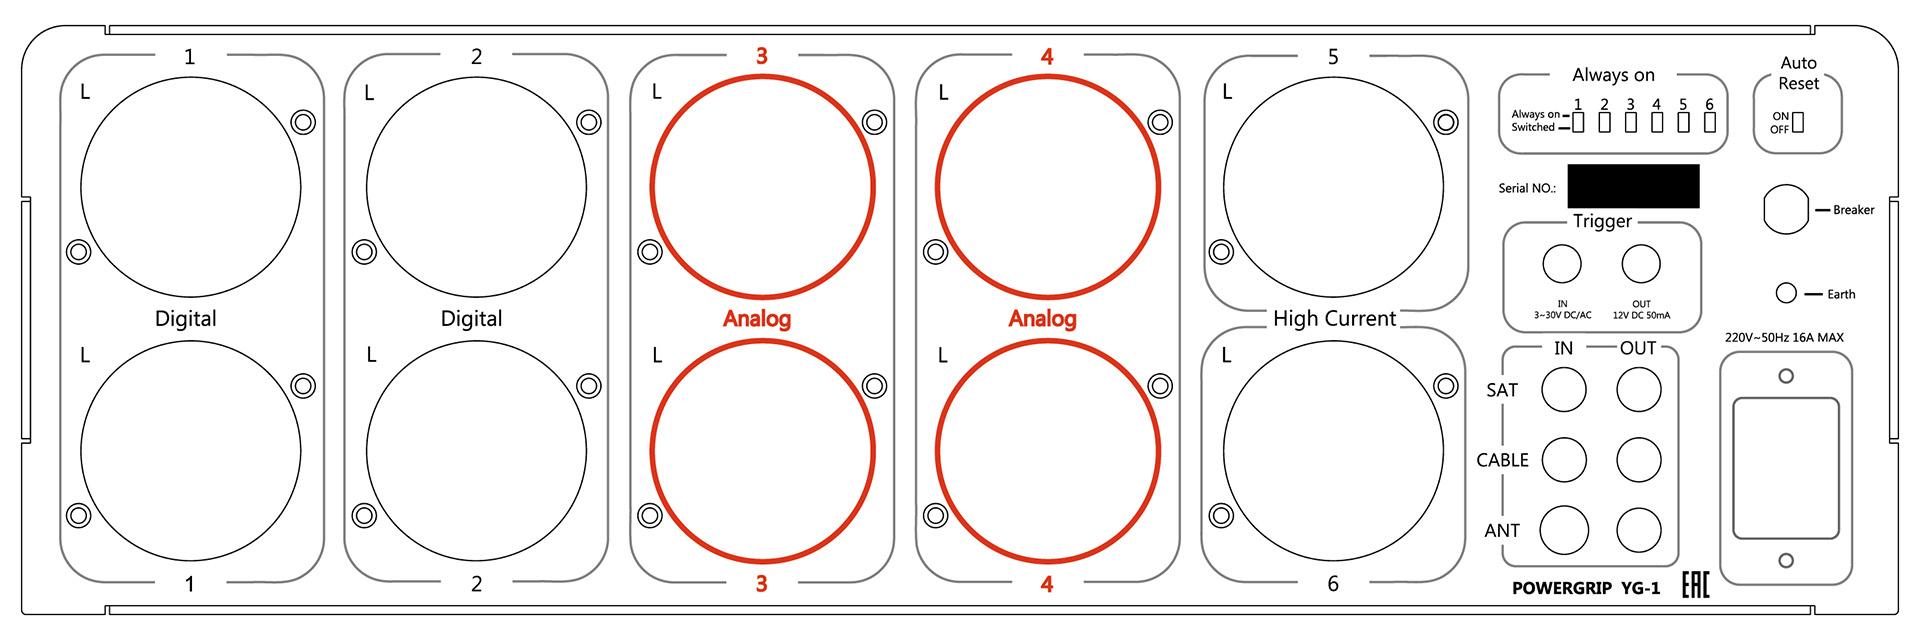 Оборудование с классическими блоками питания рекомендуется подключать к розеткам групп 3 и 4 , обозначенные как ANALOG.